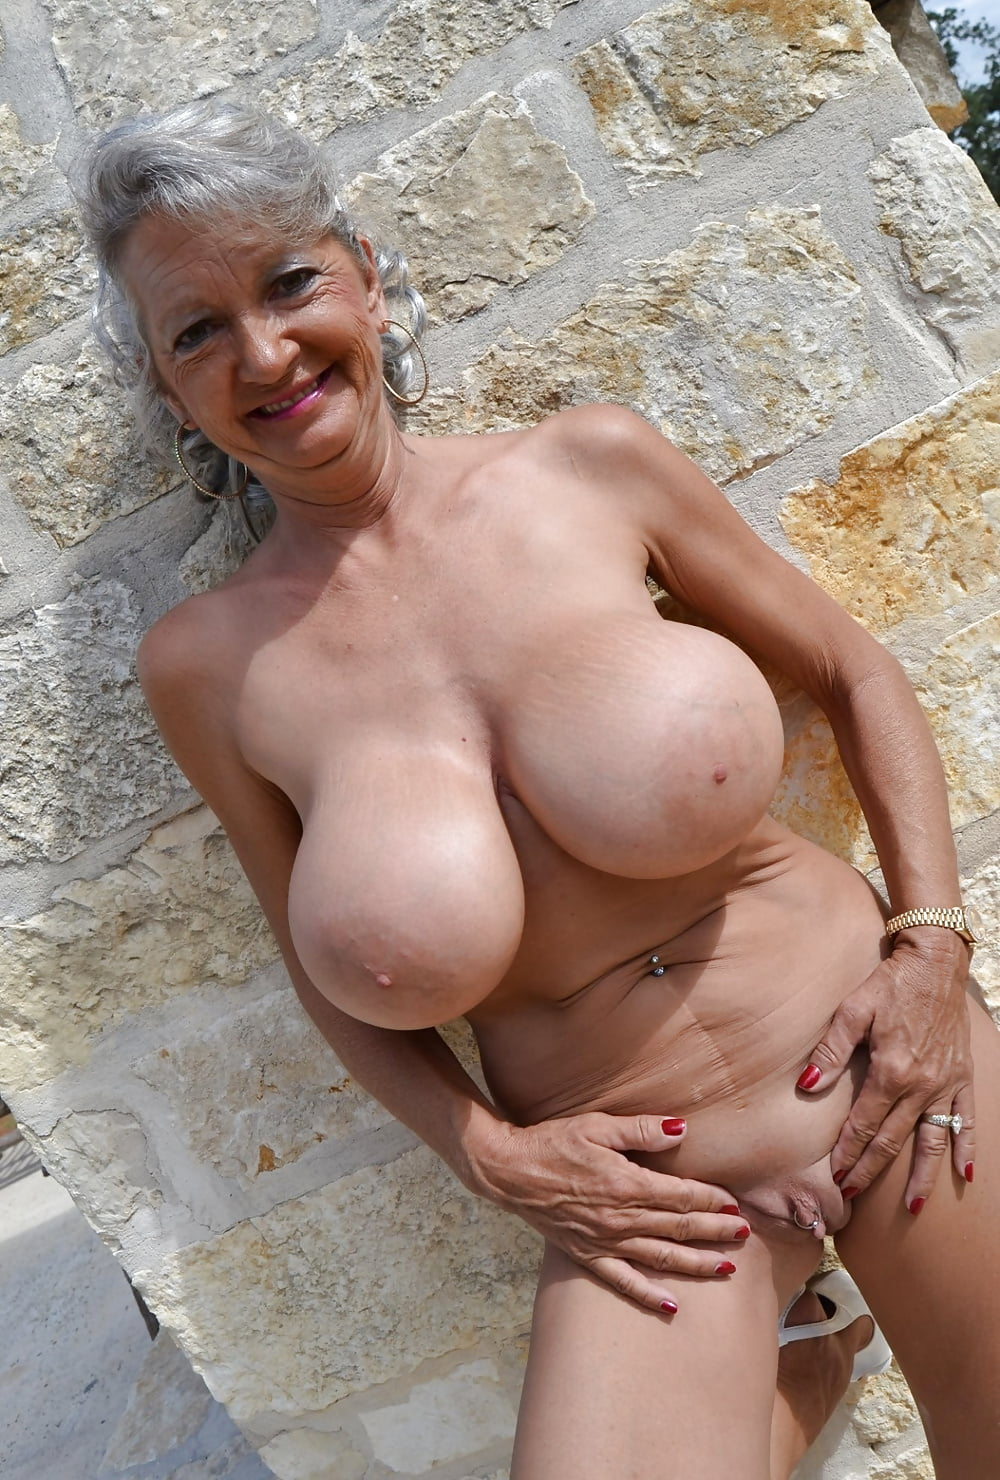 Huge granny tits